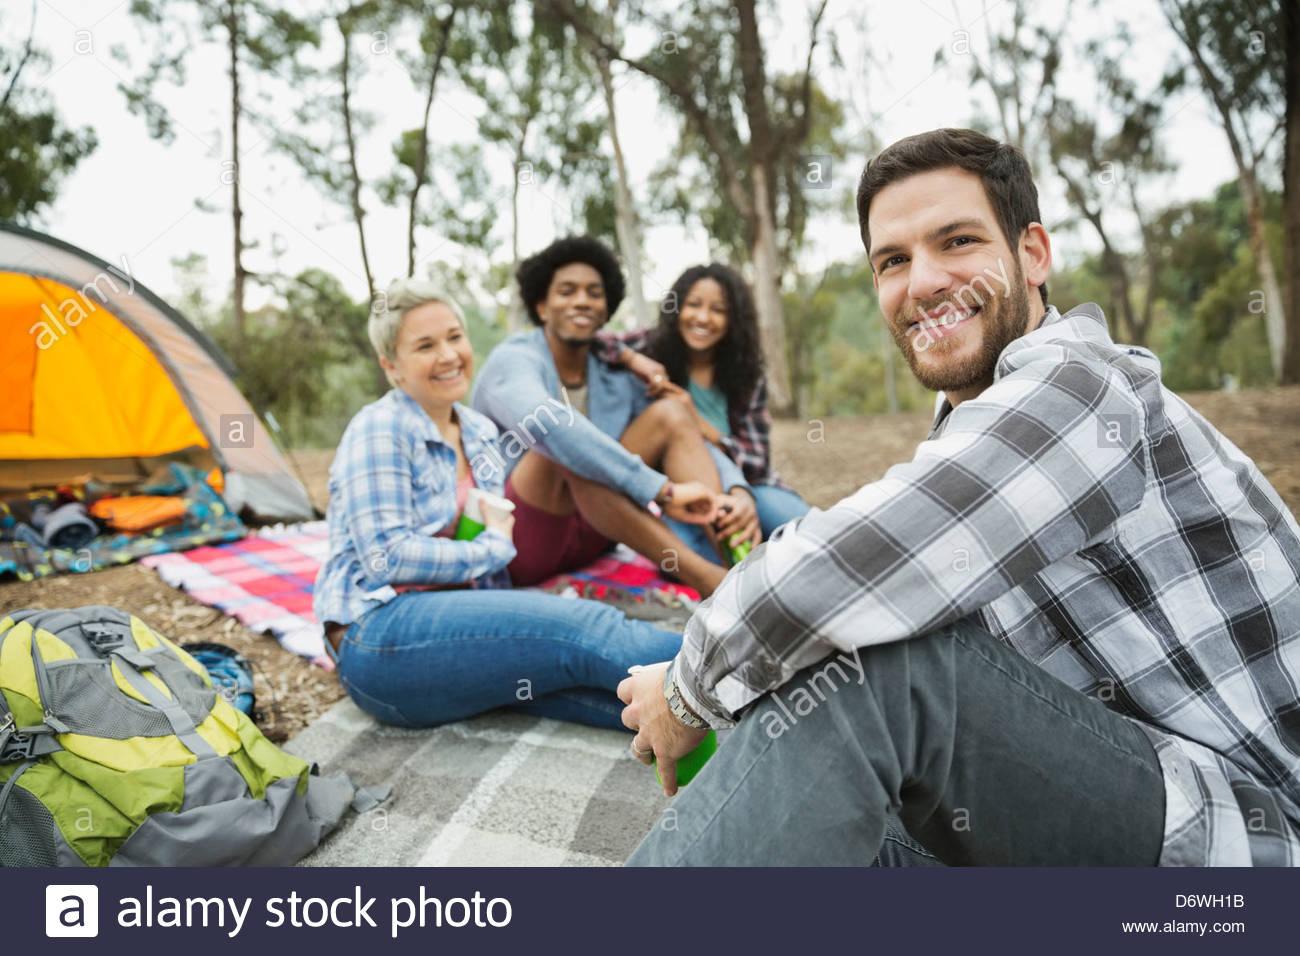 Portrait of mid adult man sitting avec des amis tout en camping Photo Stock